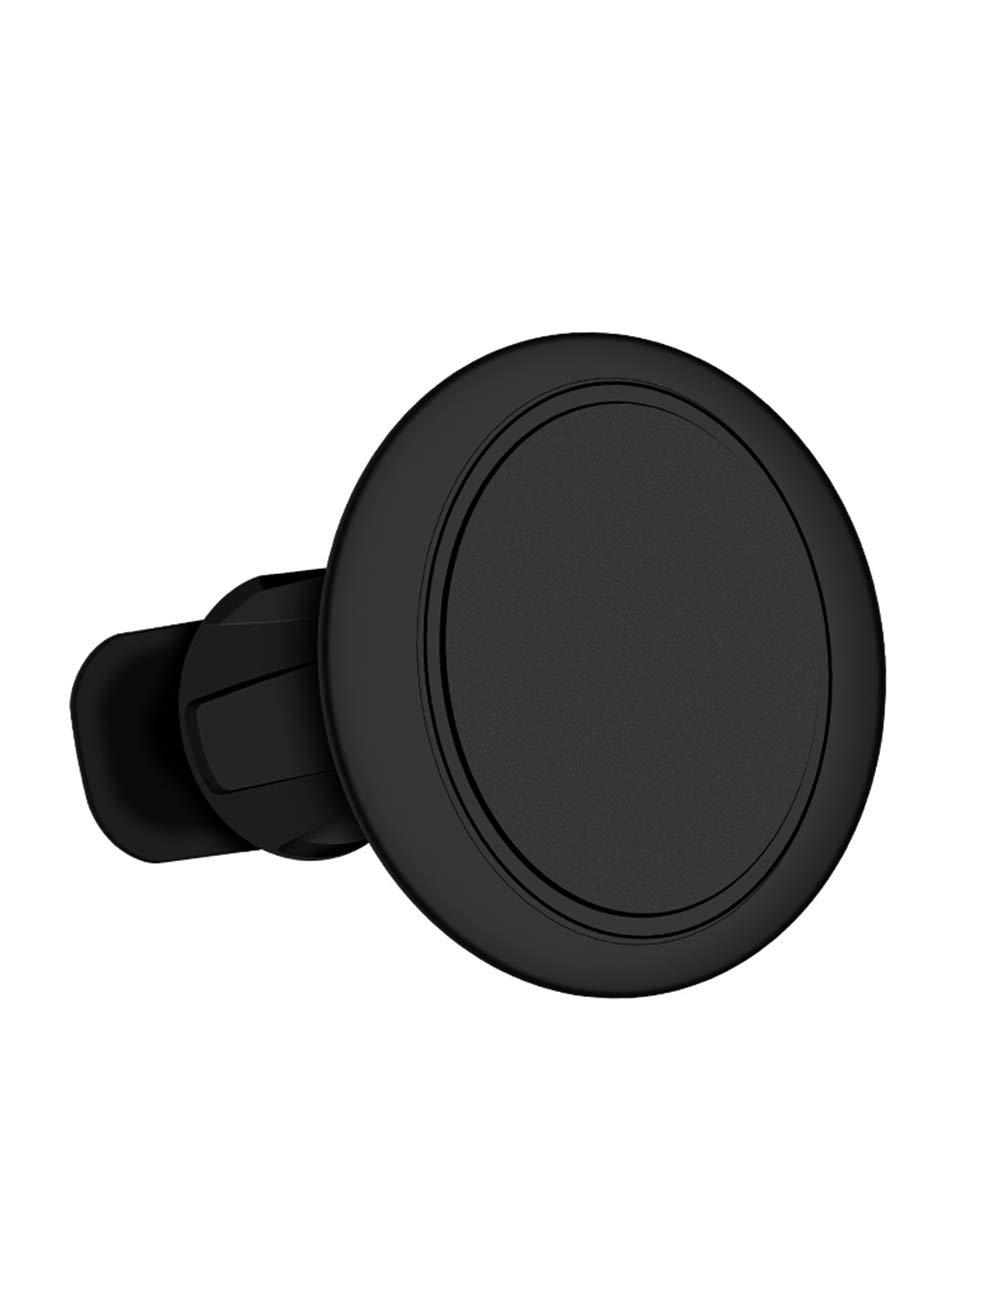 Soporte Celular para Autos Magnetico HAI TUN WAN - 7SPCR6BG